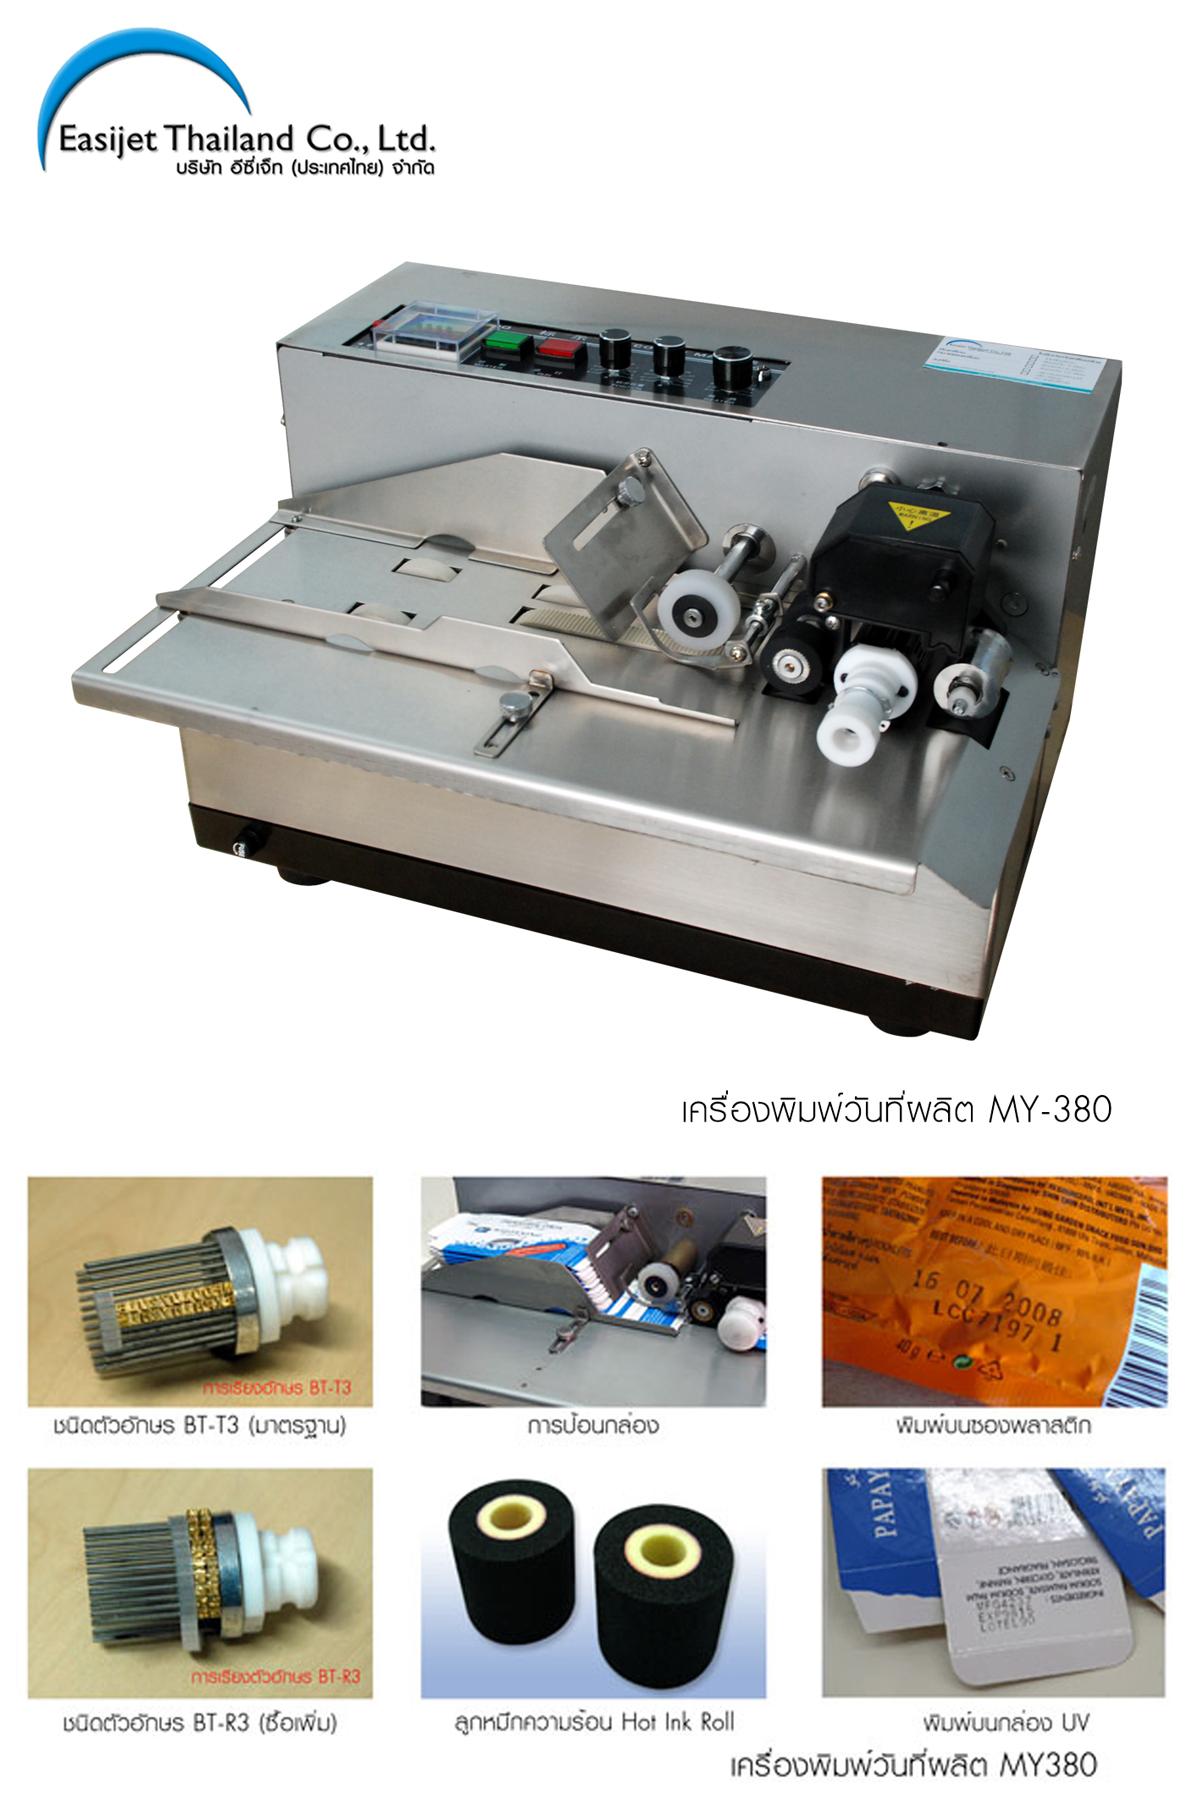 เครื่องพิมพ์วันที่ผลิตบนฉลาก หรือกล่องพร้อมชุดป้อนชิ้นงาน MY-380